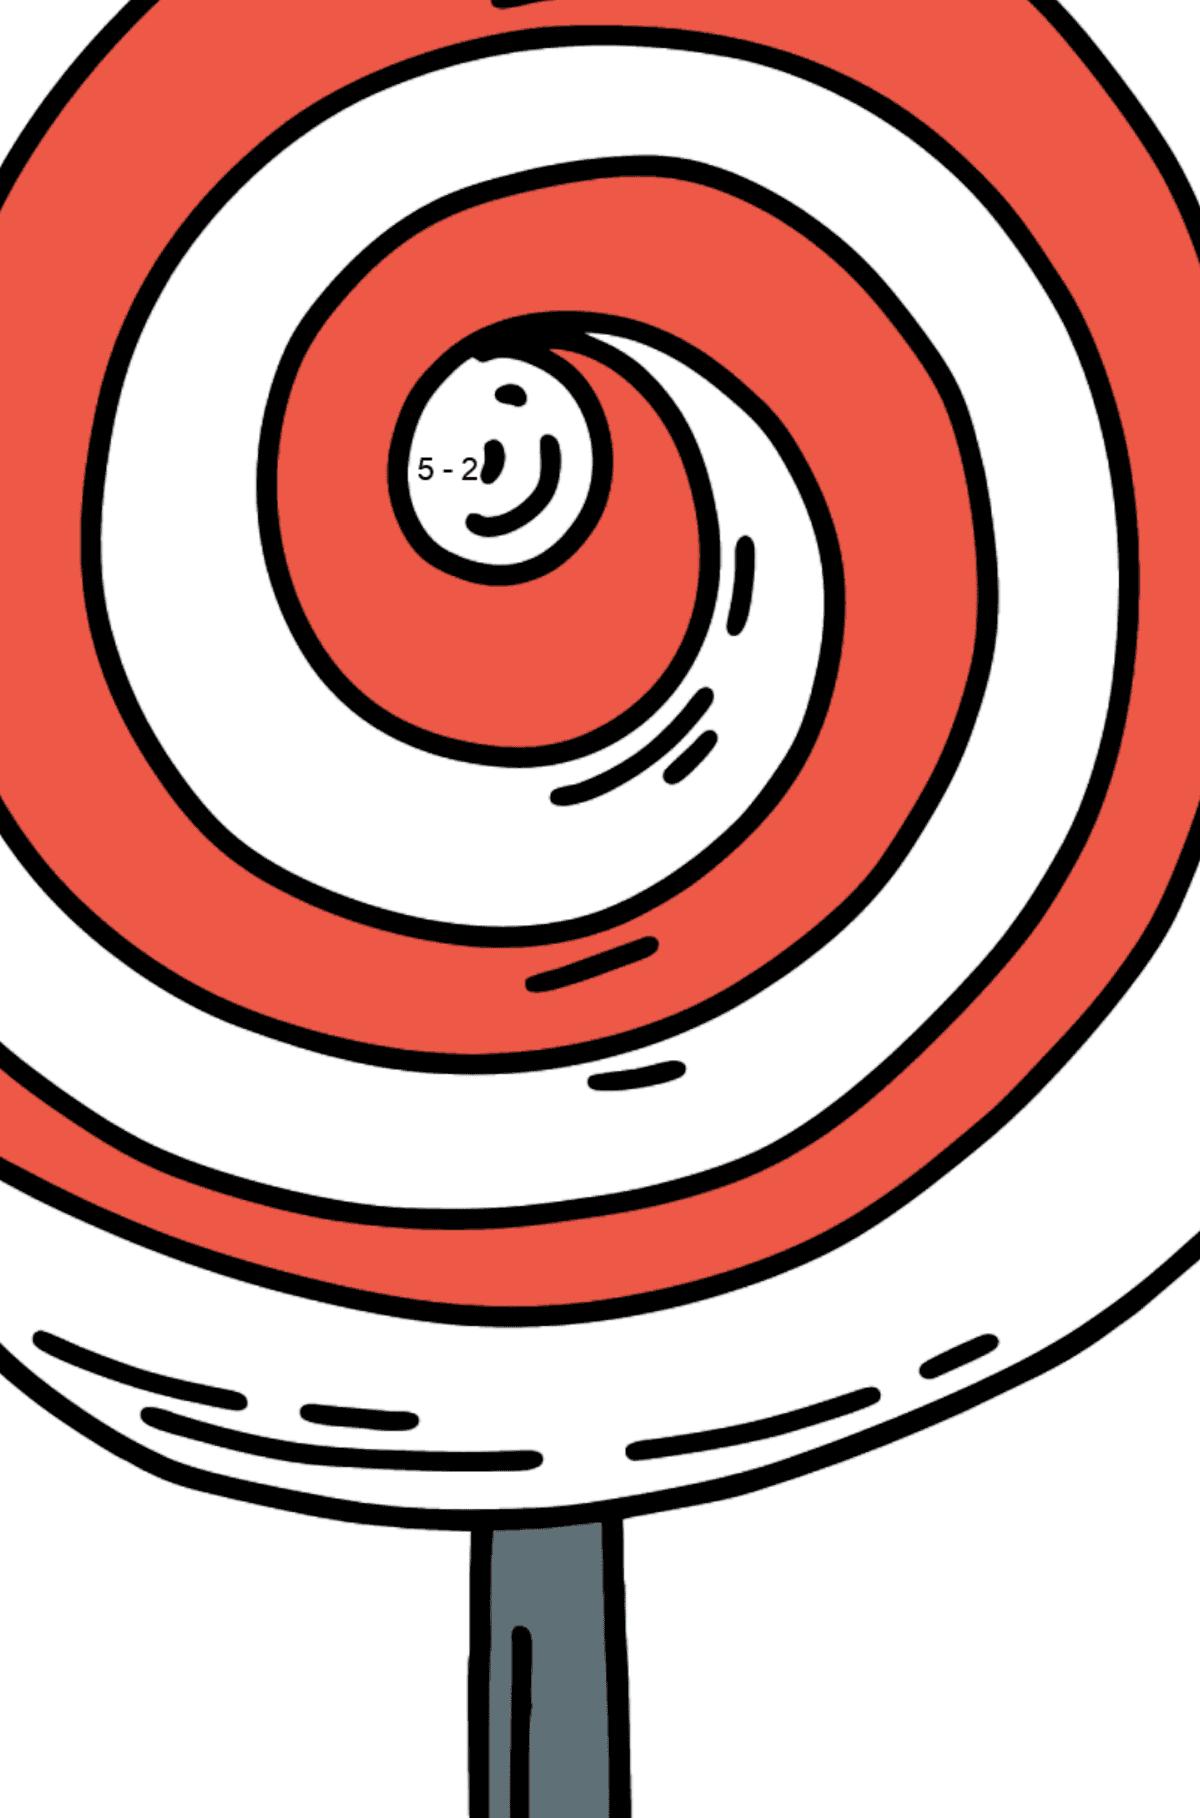 Раскраска Lollipop на палочке на палочке - Математическая Раскраска - Вычитание для Детей